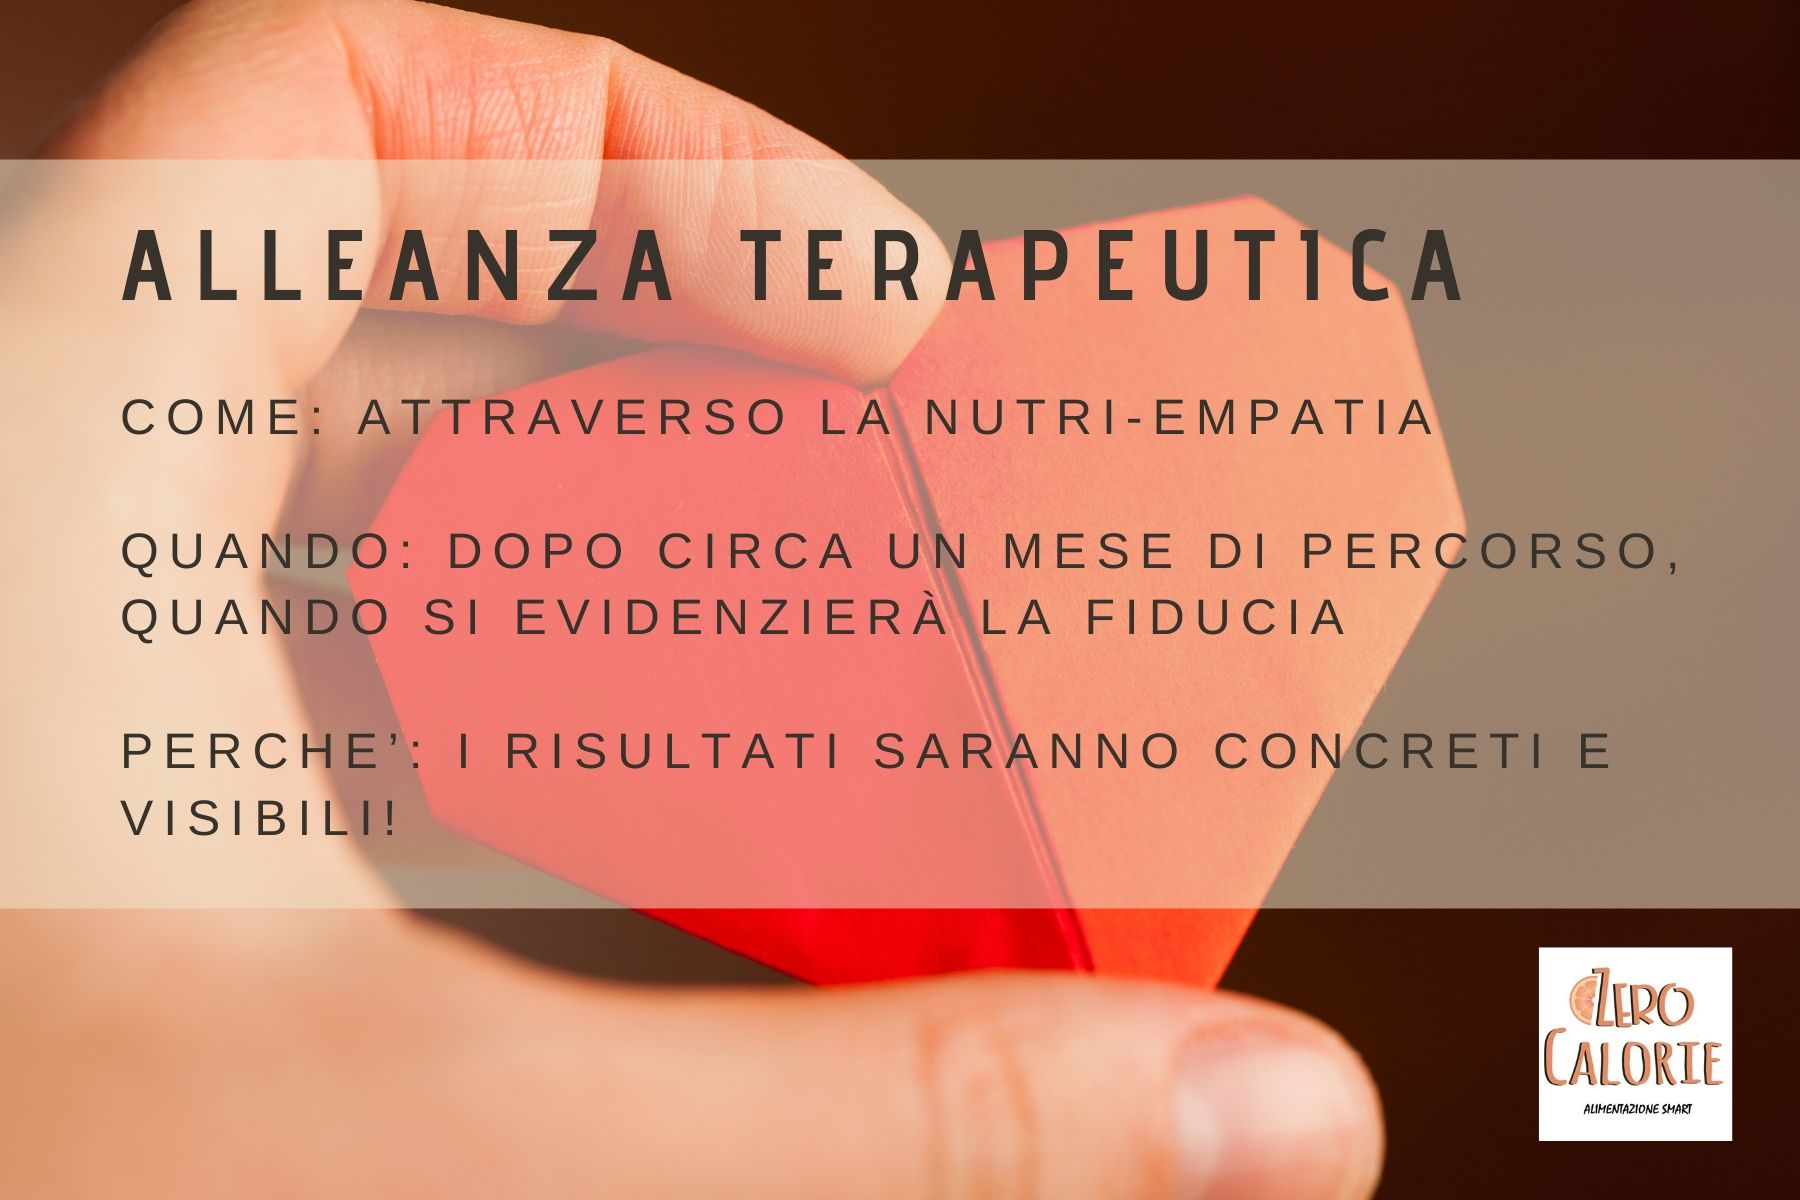 alleanza terapeutica zerocalorie